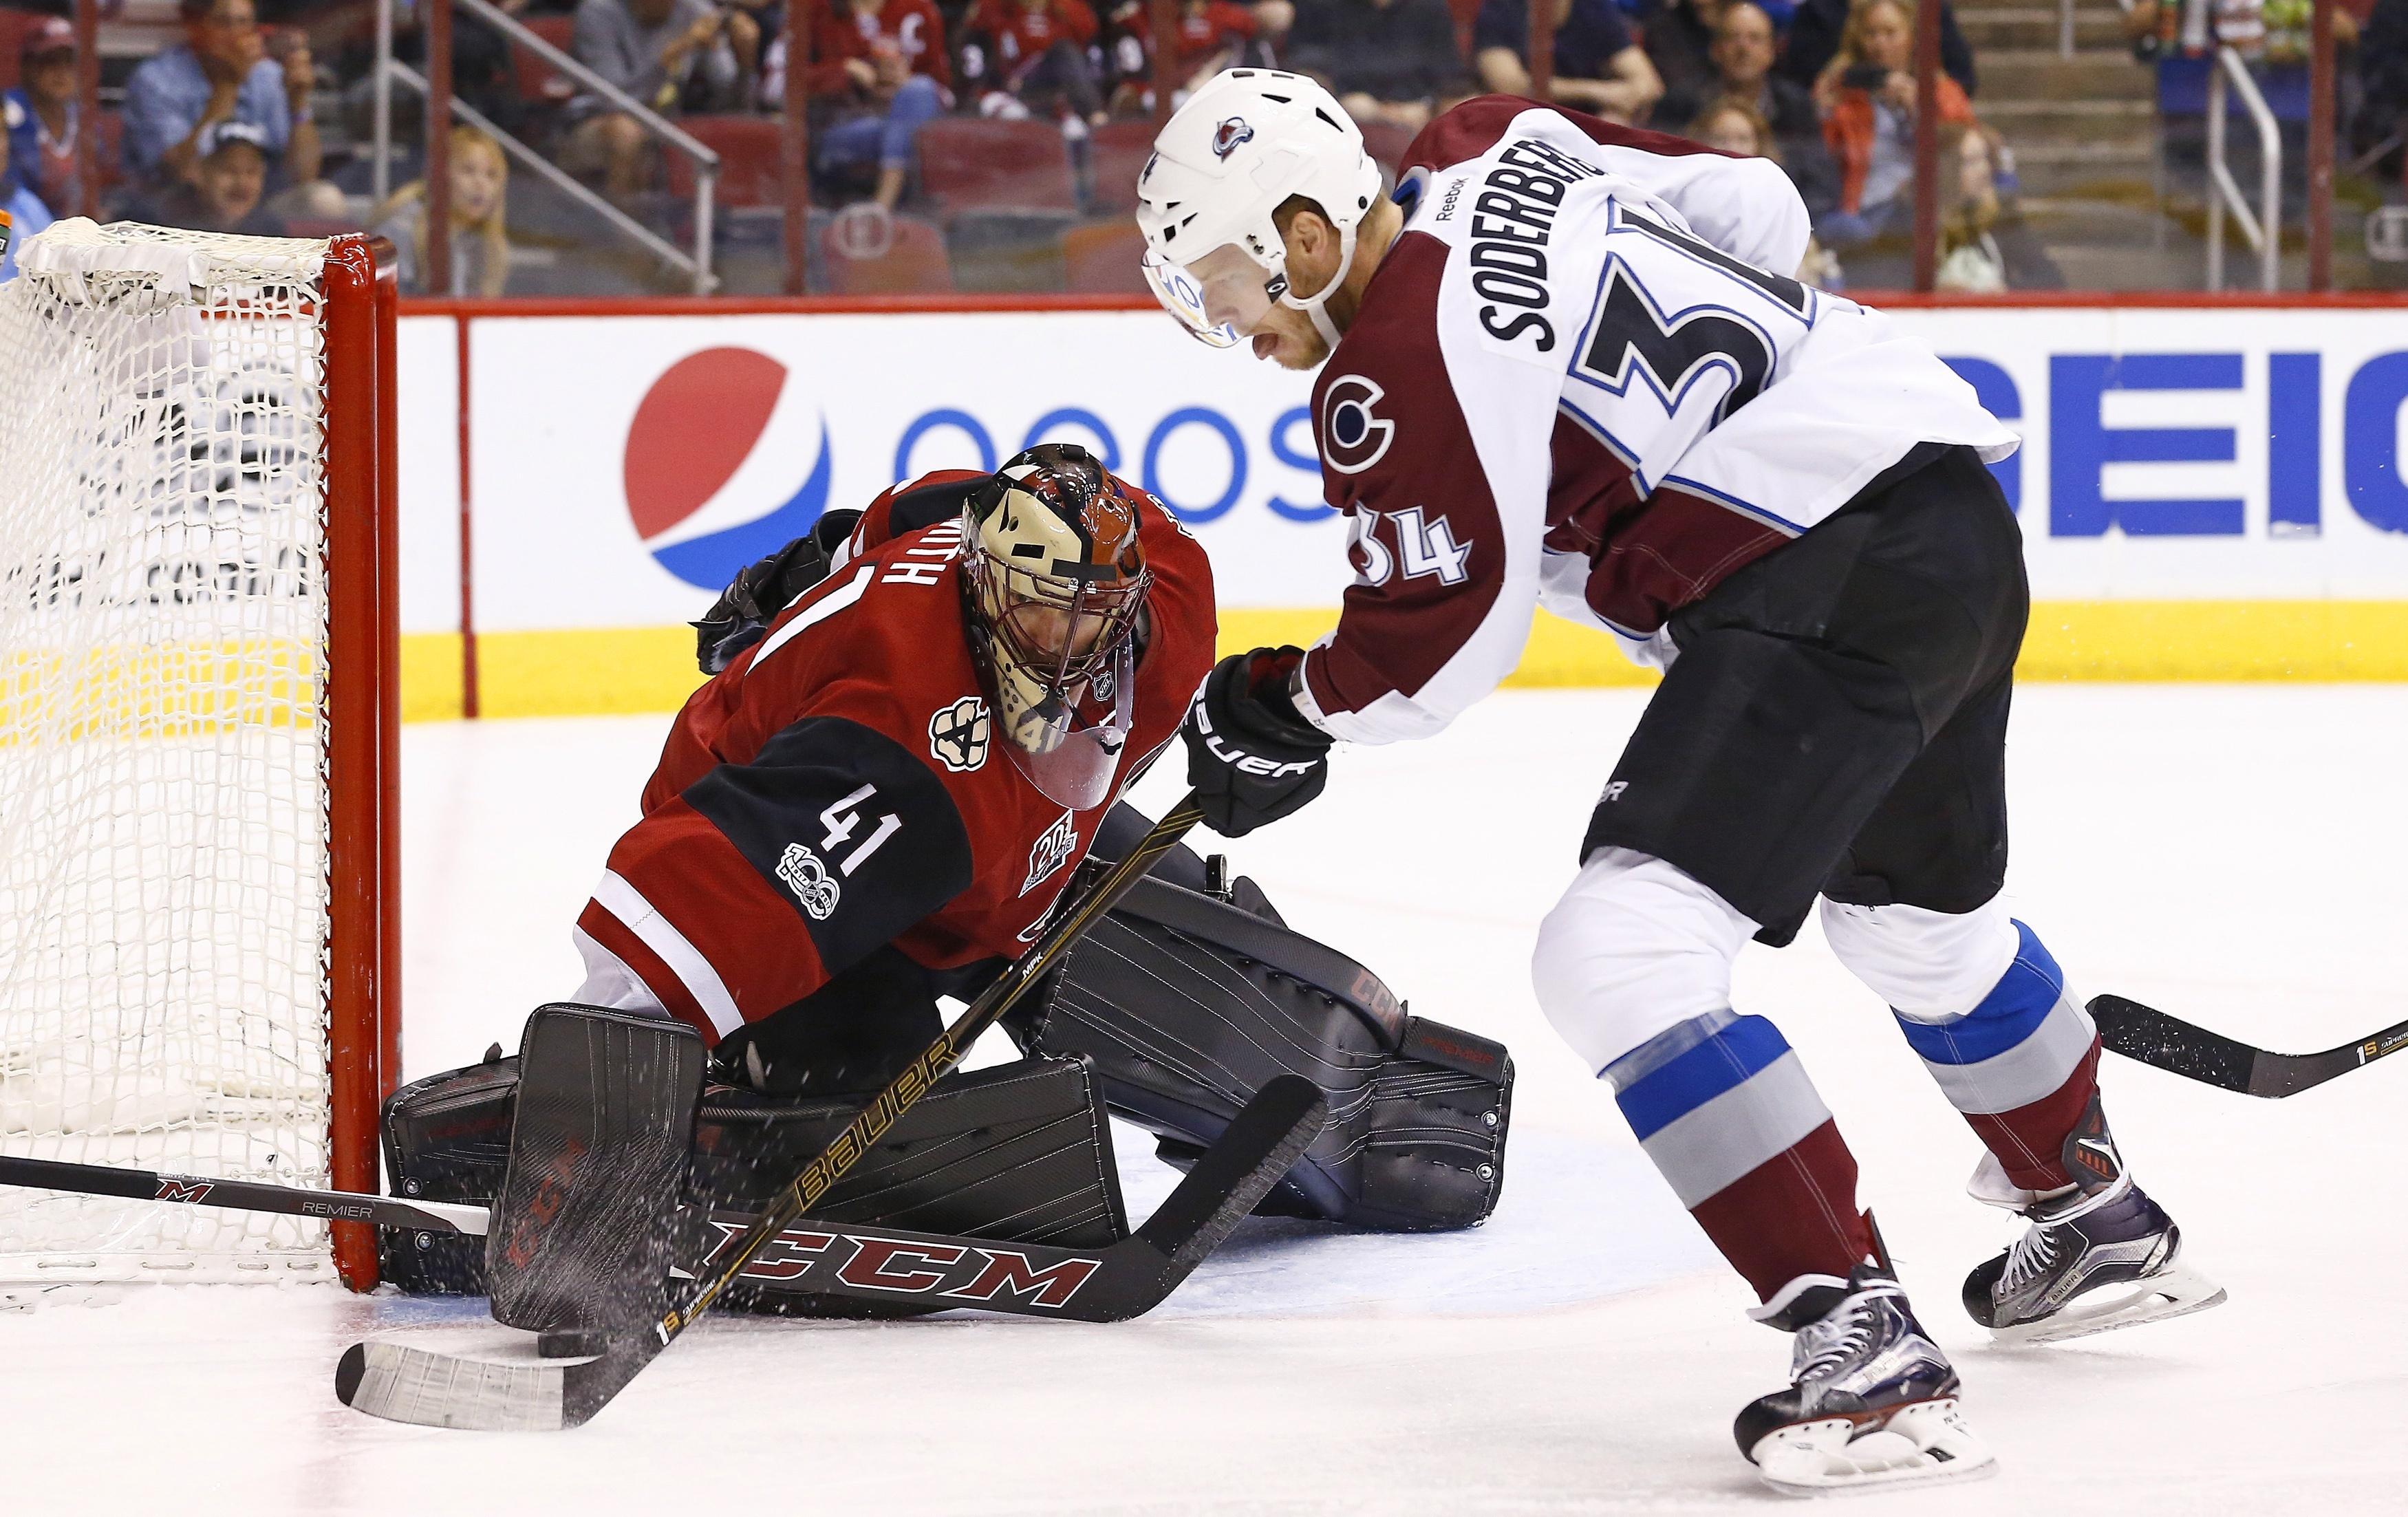 Avalanche_coyotes_hockey_78283